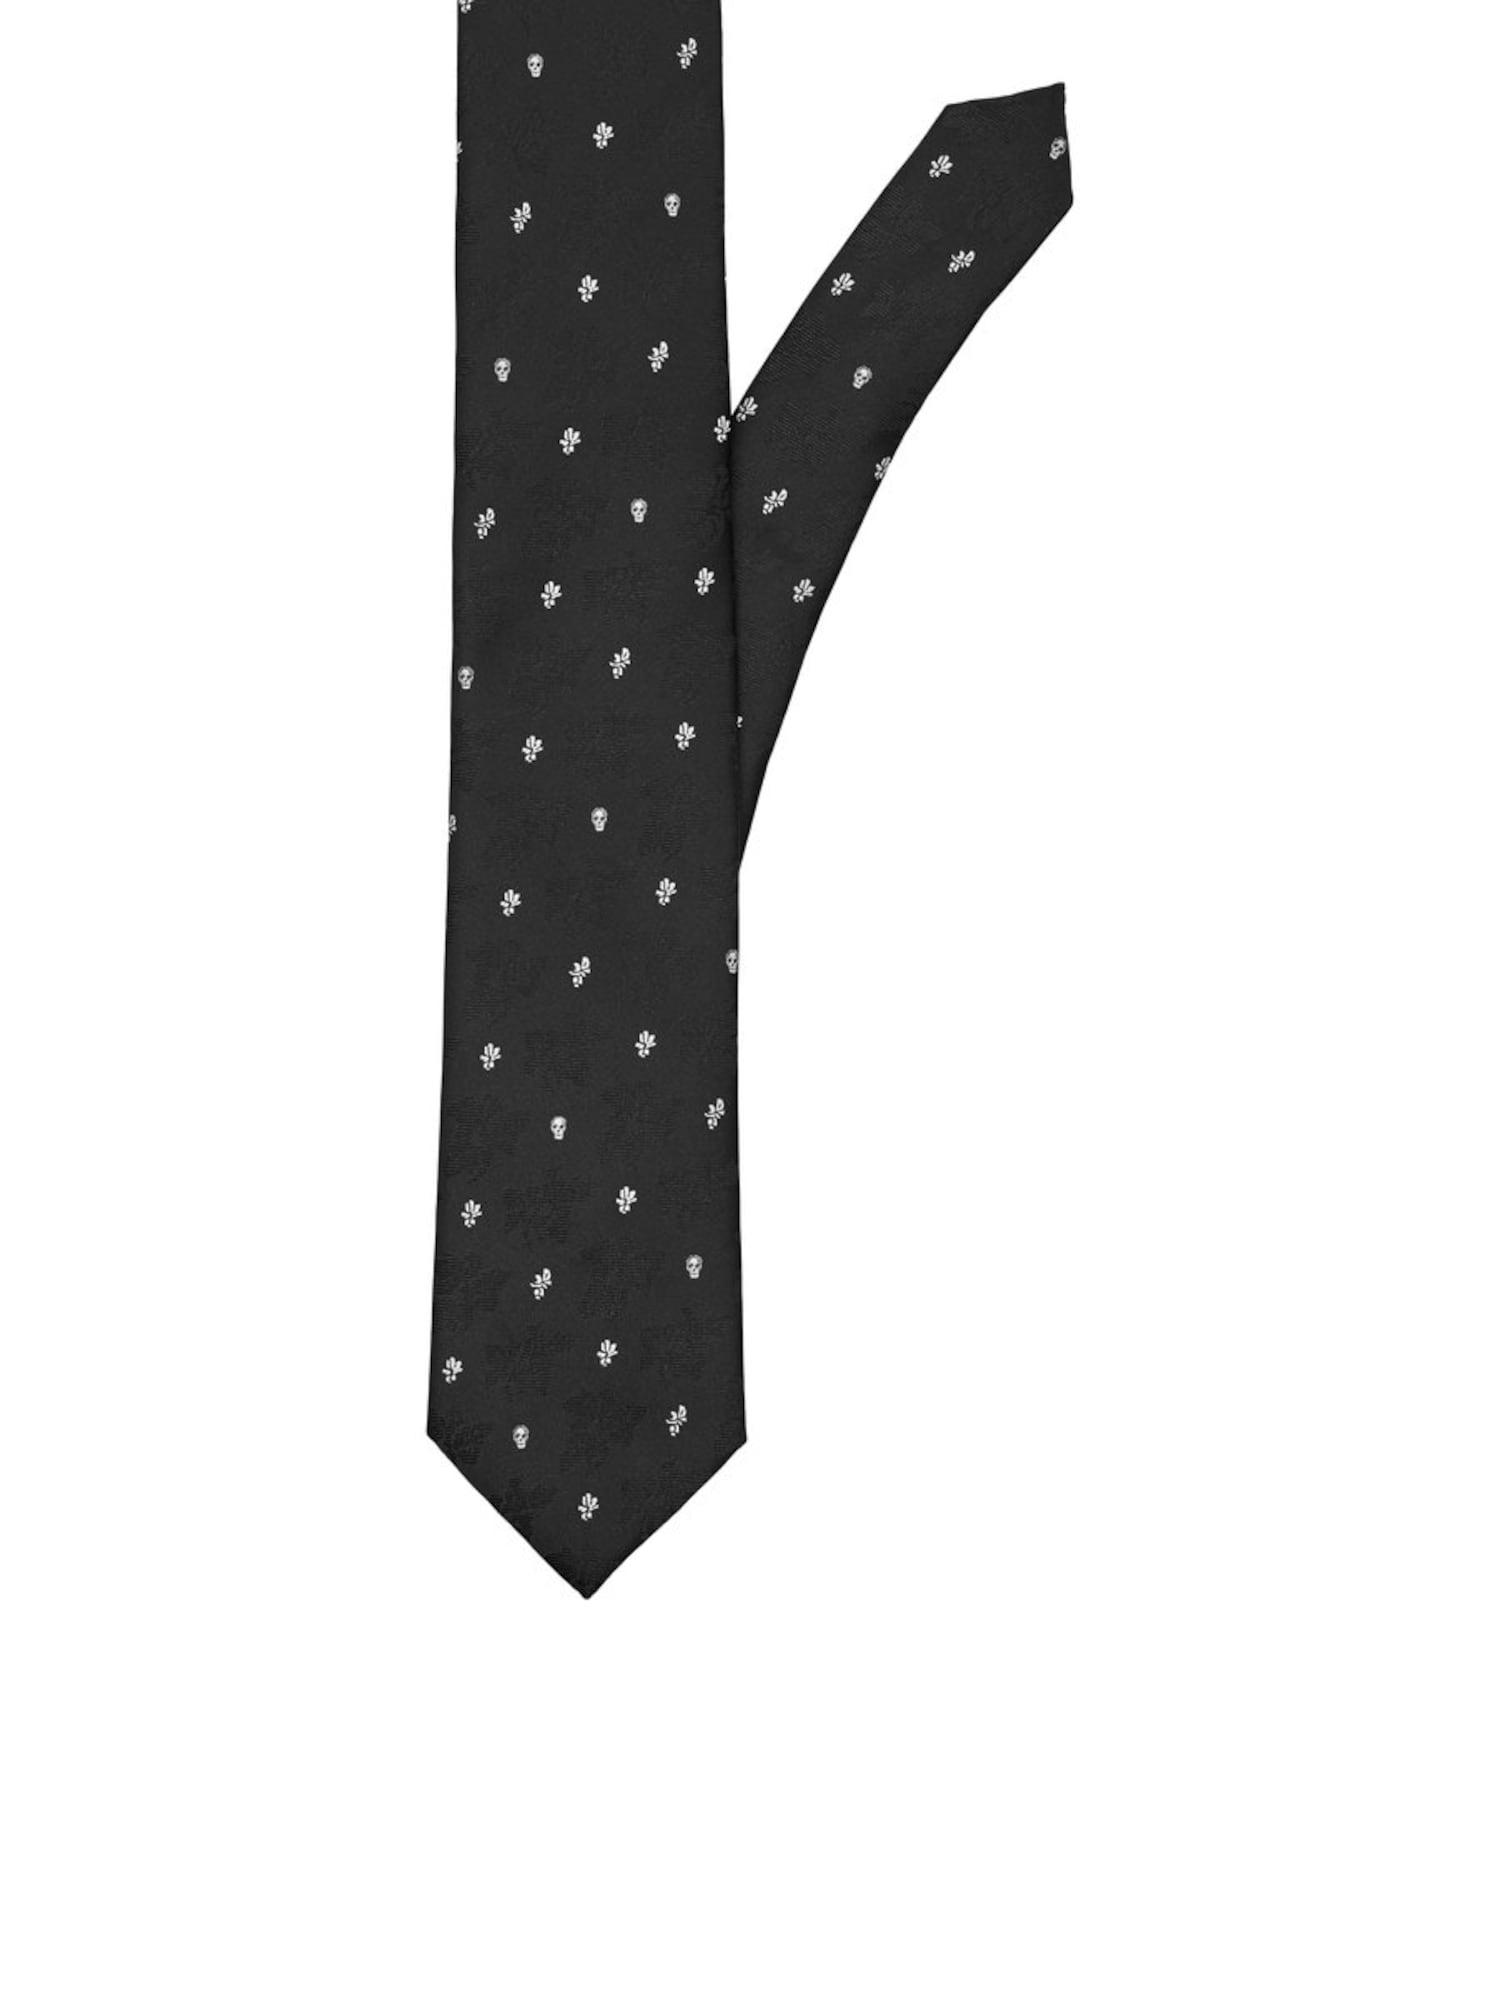 Herren jack & jones Krawatte rot,  schwarz,  weiß, schwarz,  weiß   05713776232401